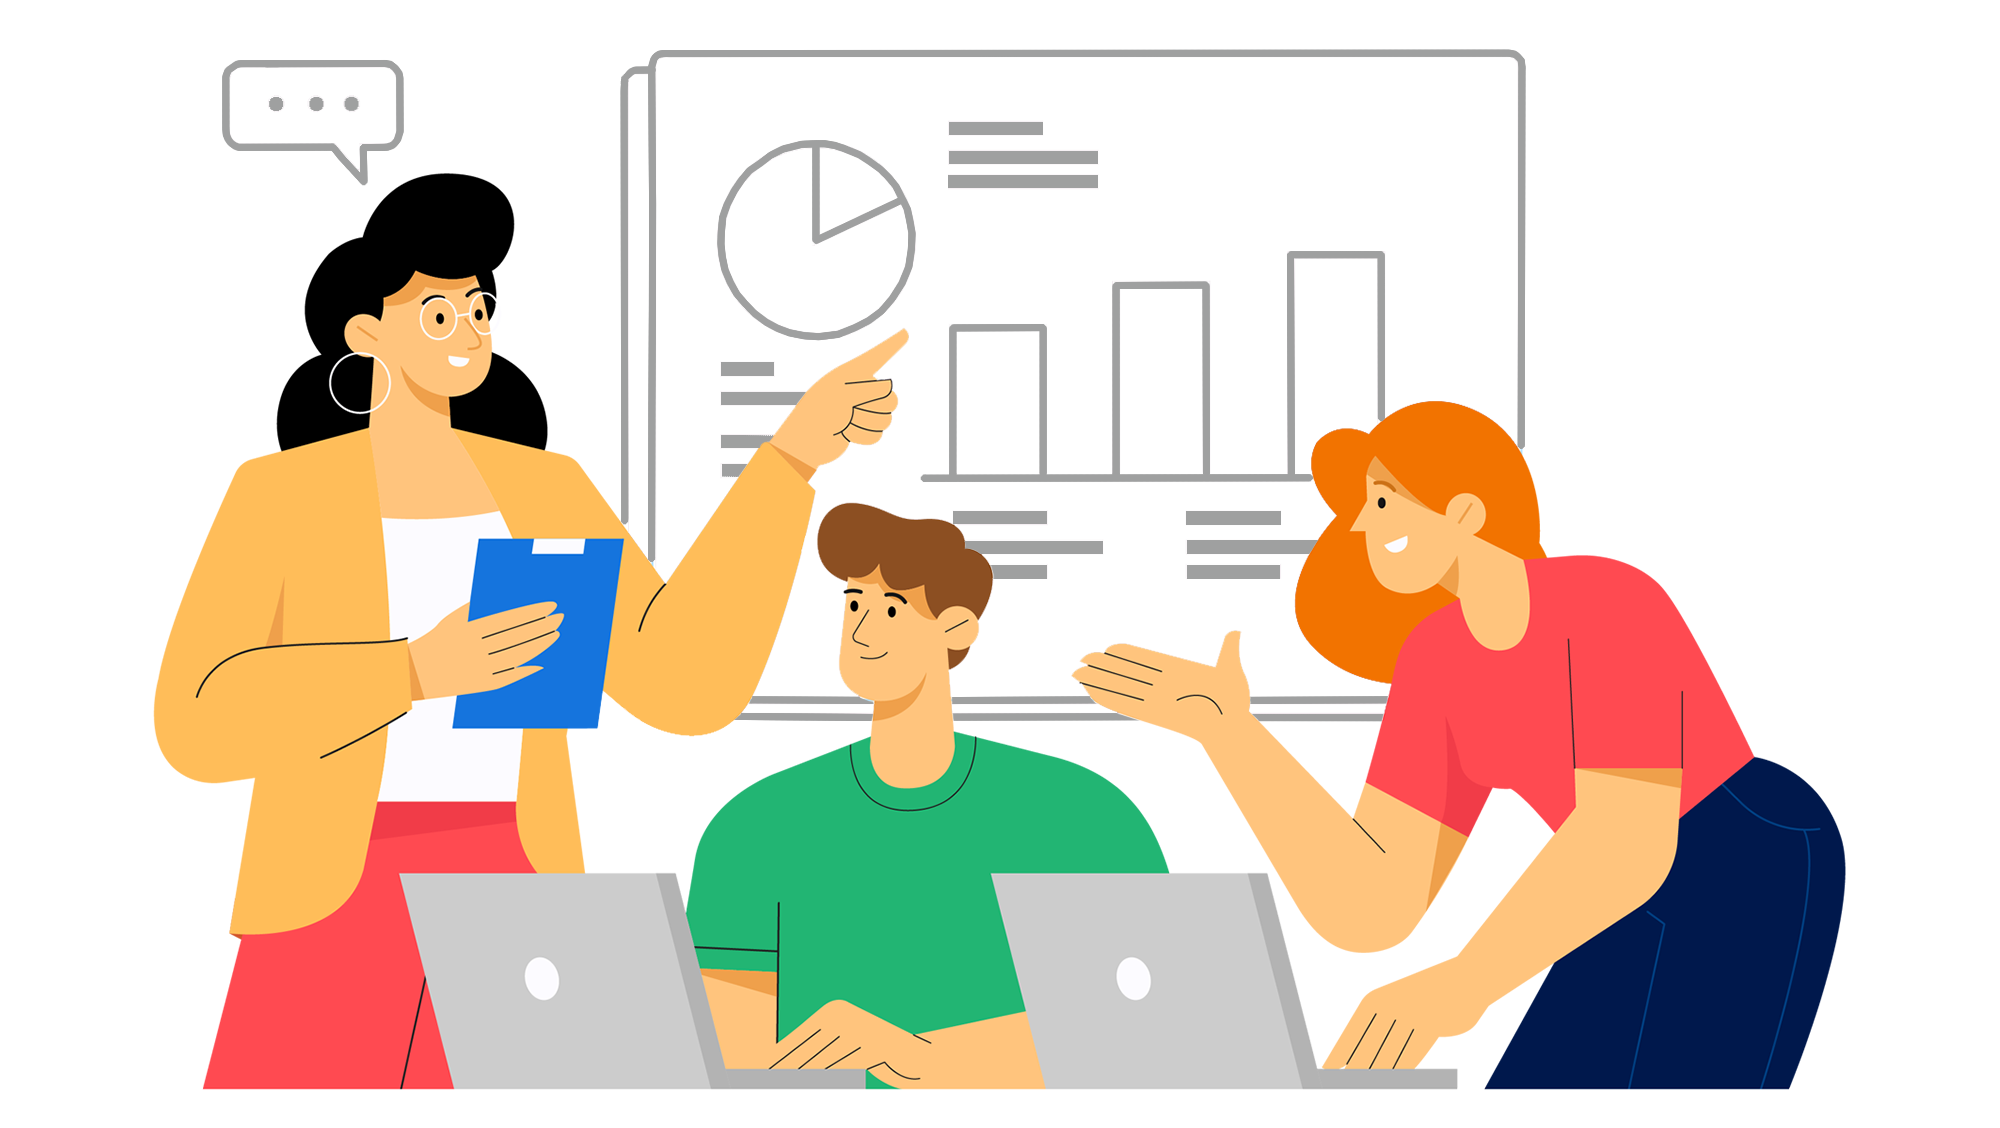 Illustration de la section excel - 3 personnes discutant autour d'un graphique